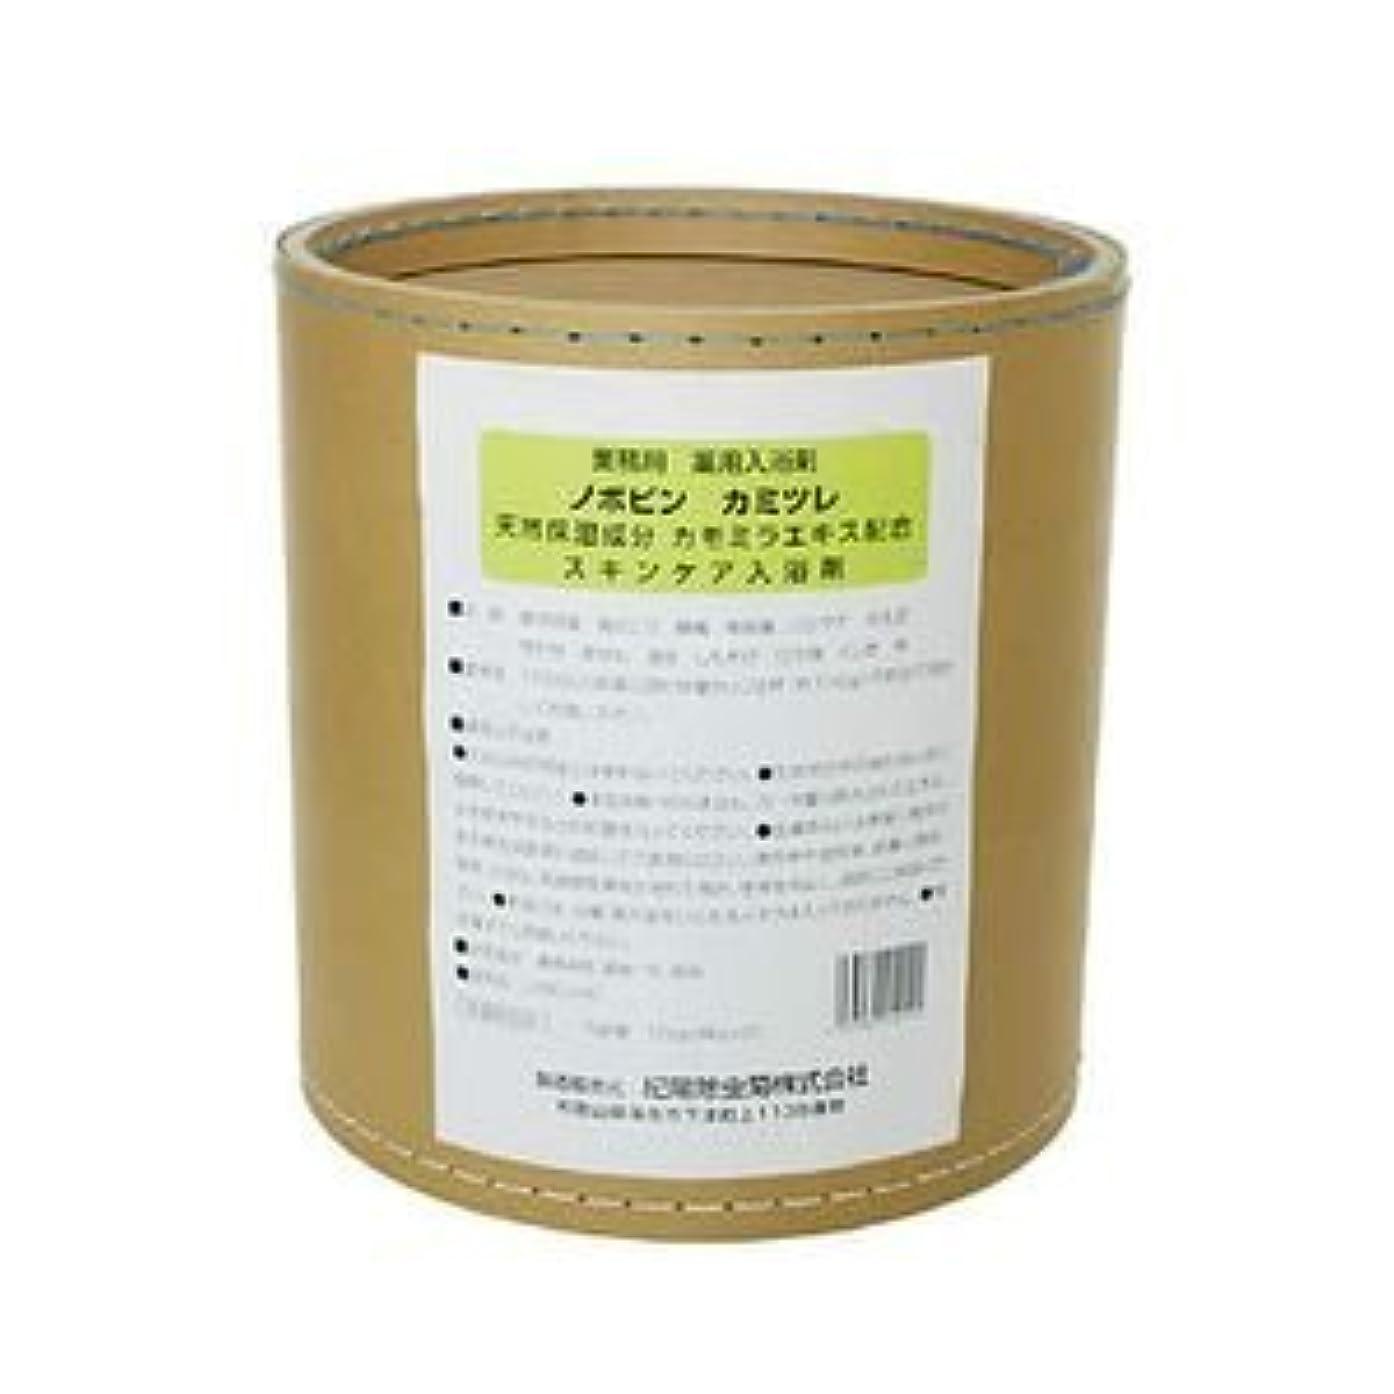 寂しいバケットギャロップ業務用 バス 入浴剤 ノボピン カミツレ 16kg(8kg+2)